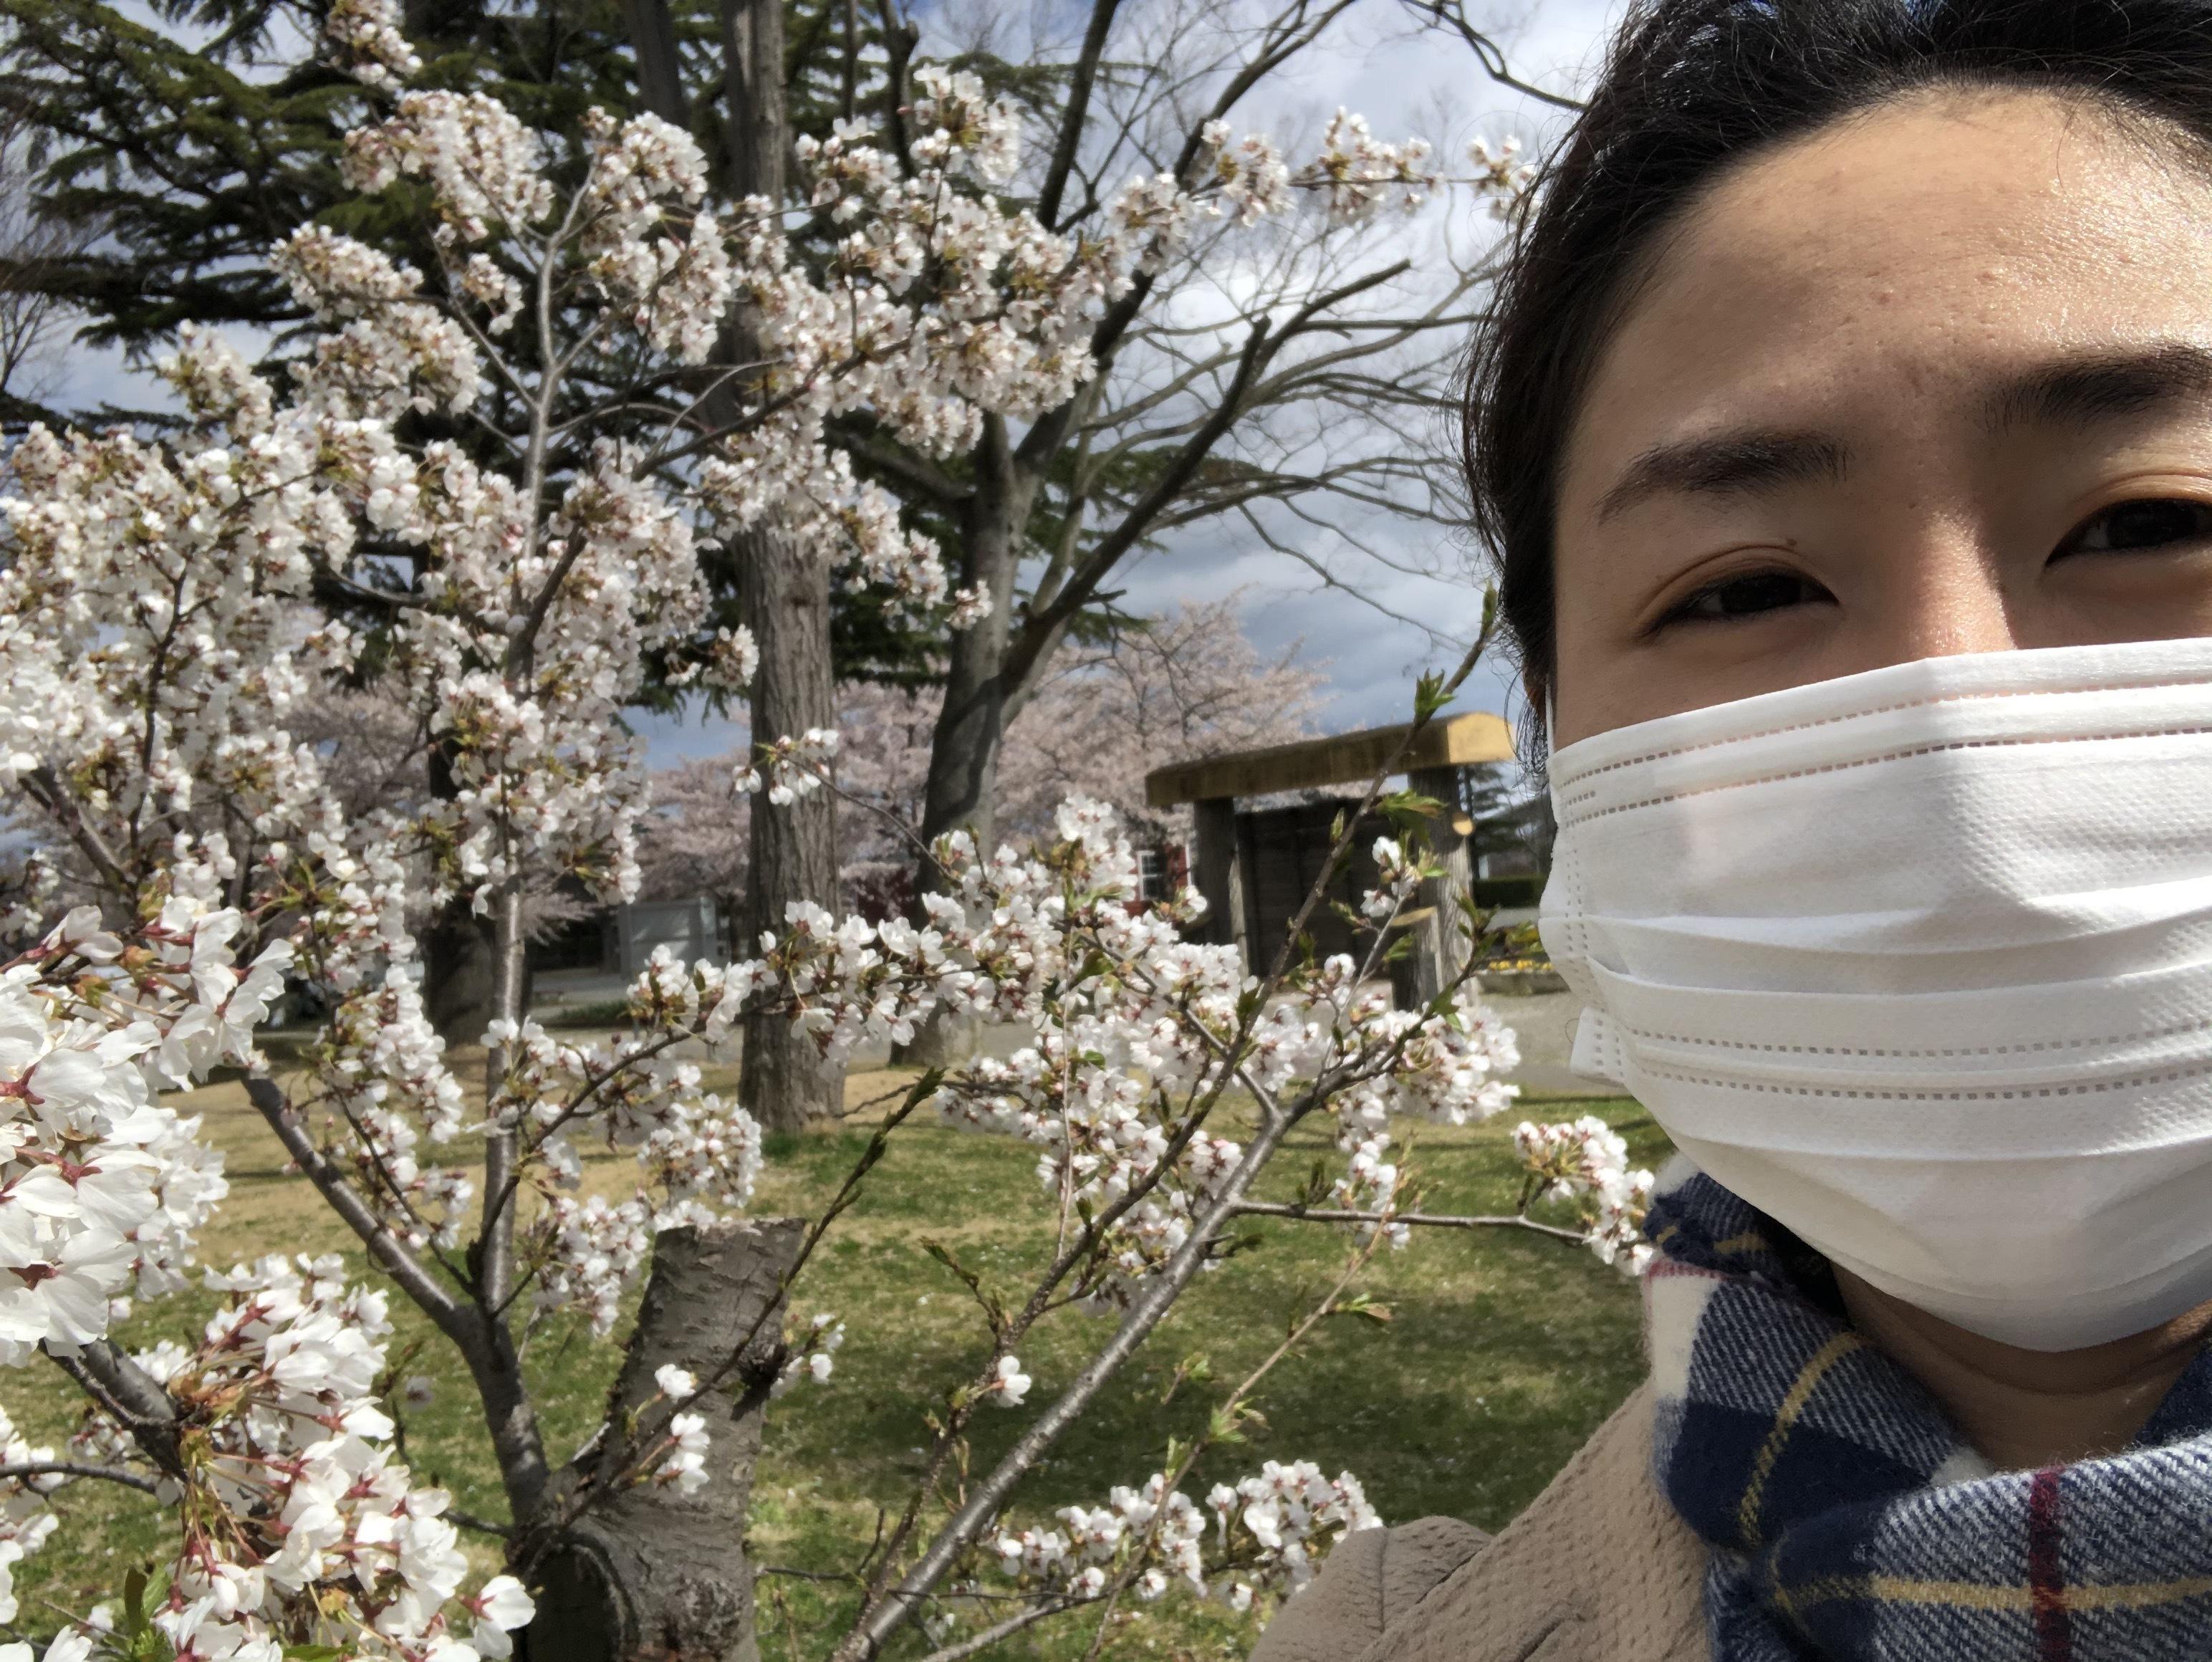 桜と人の顔の写真